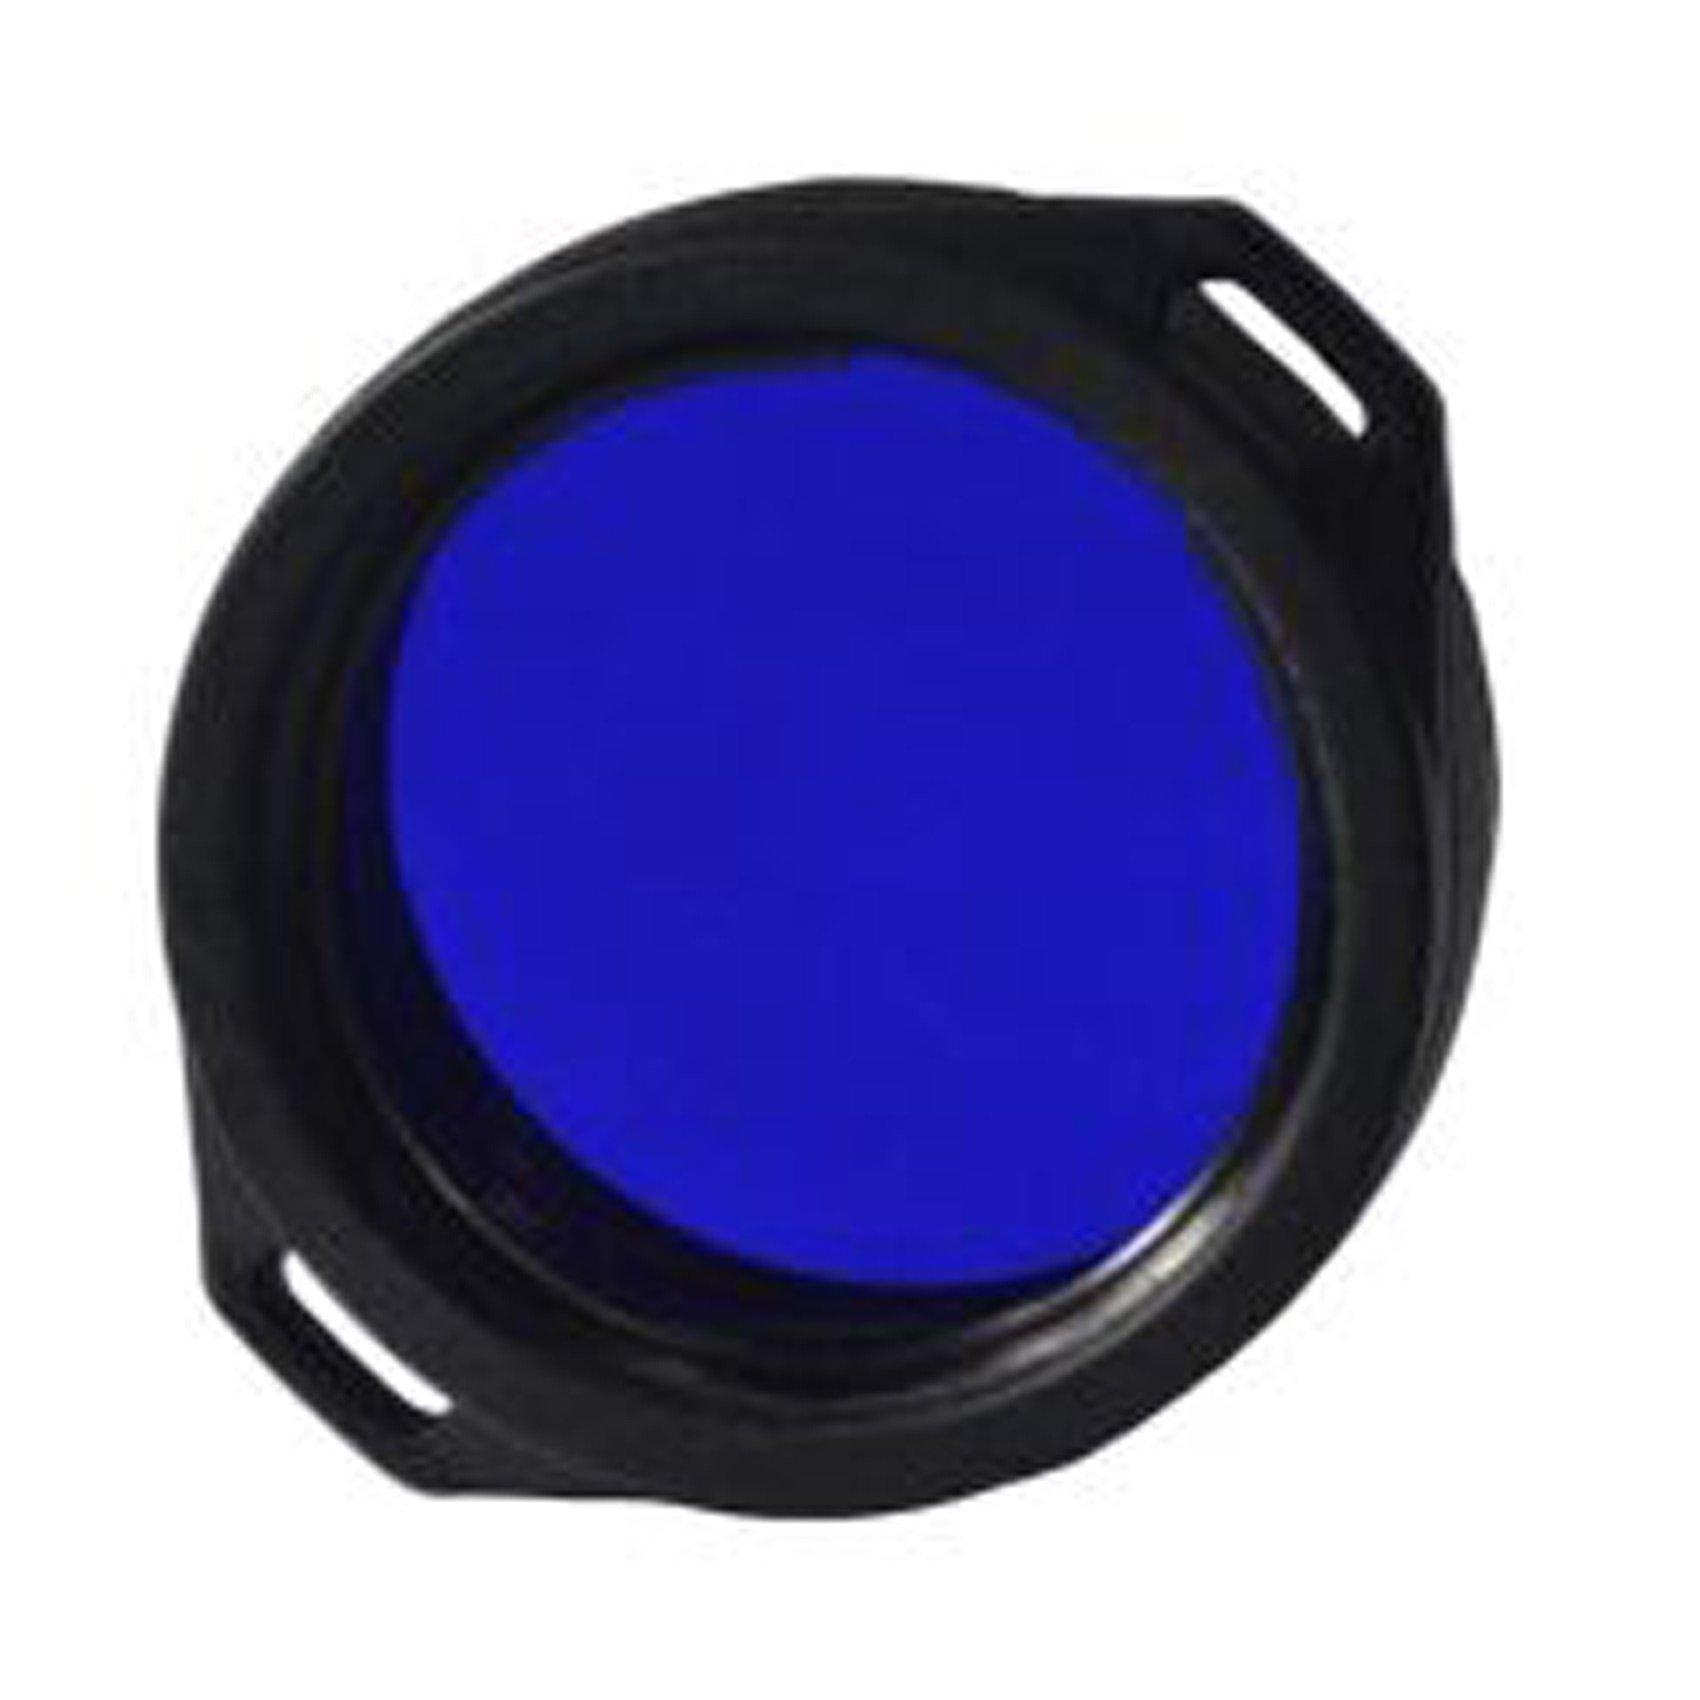 Diffusor 24mm weiß Armytek Filter für Partner und Prime Taschenlampen